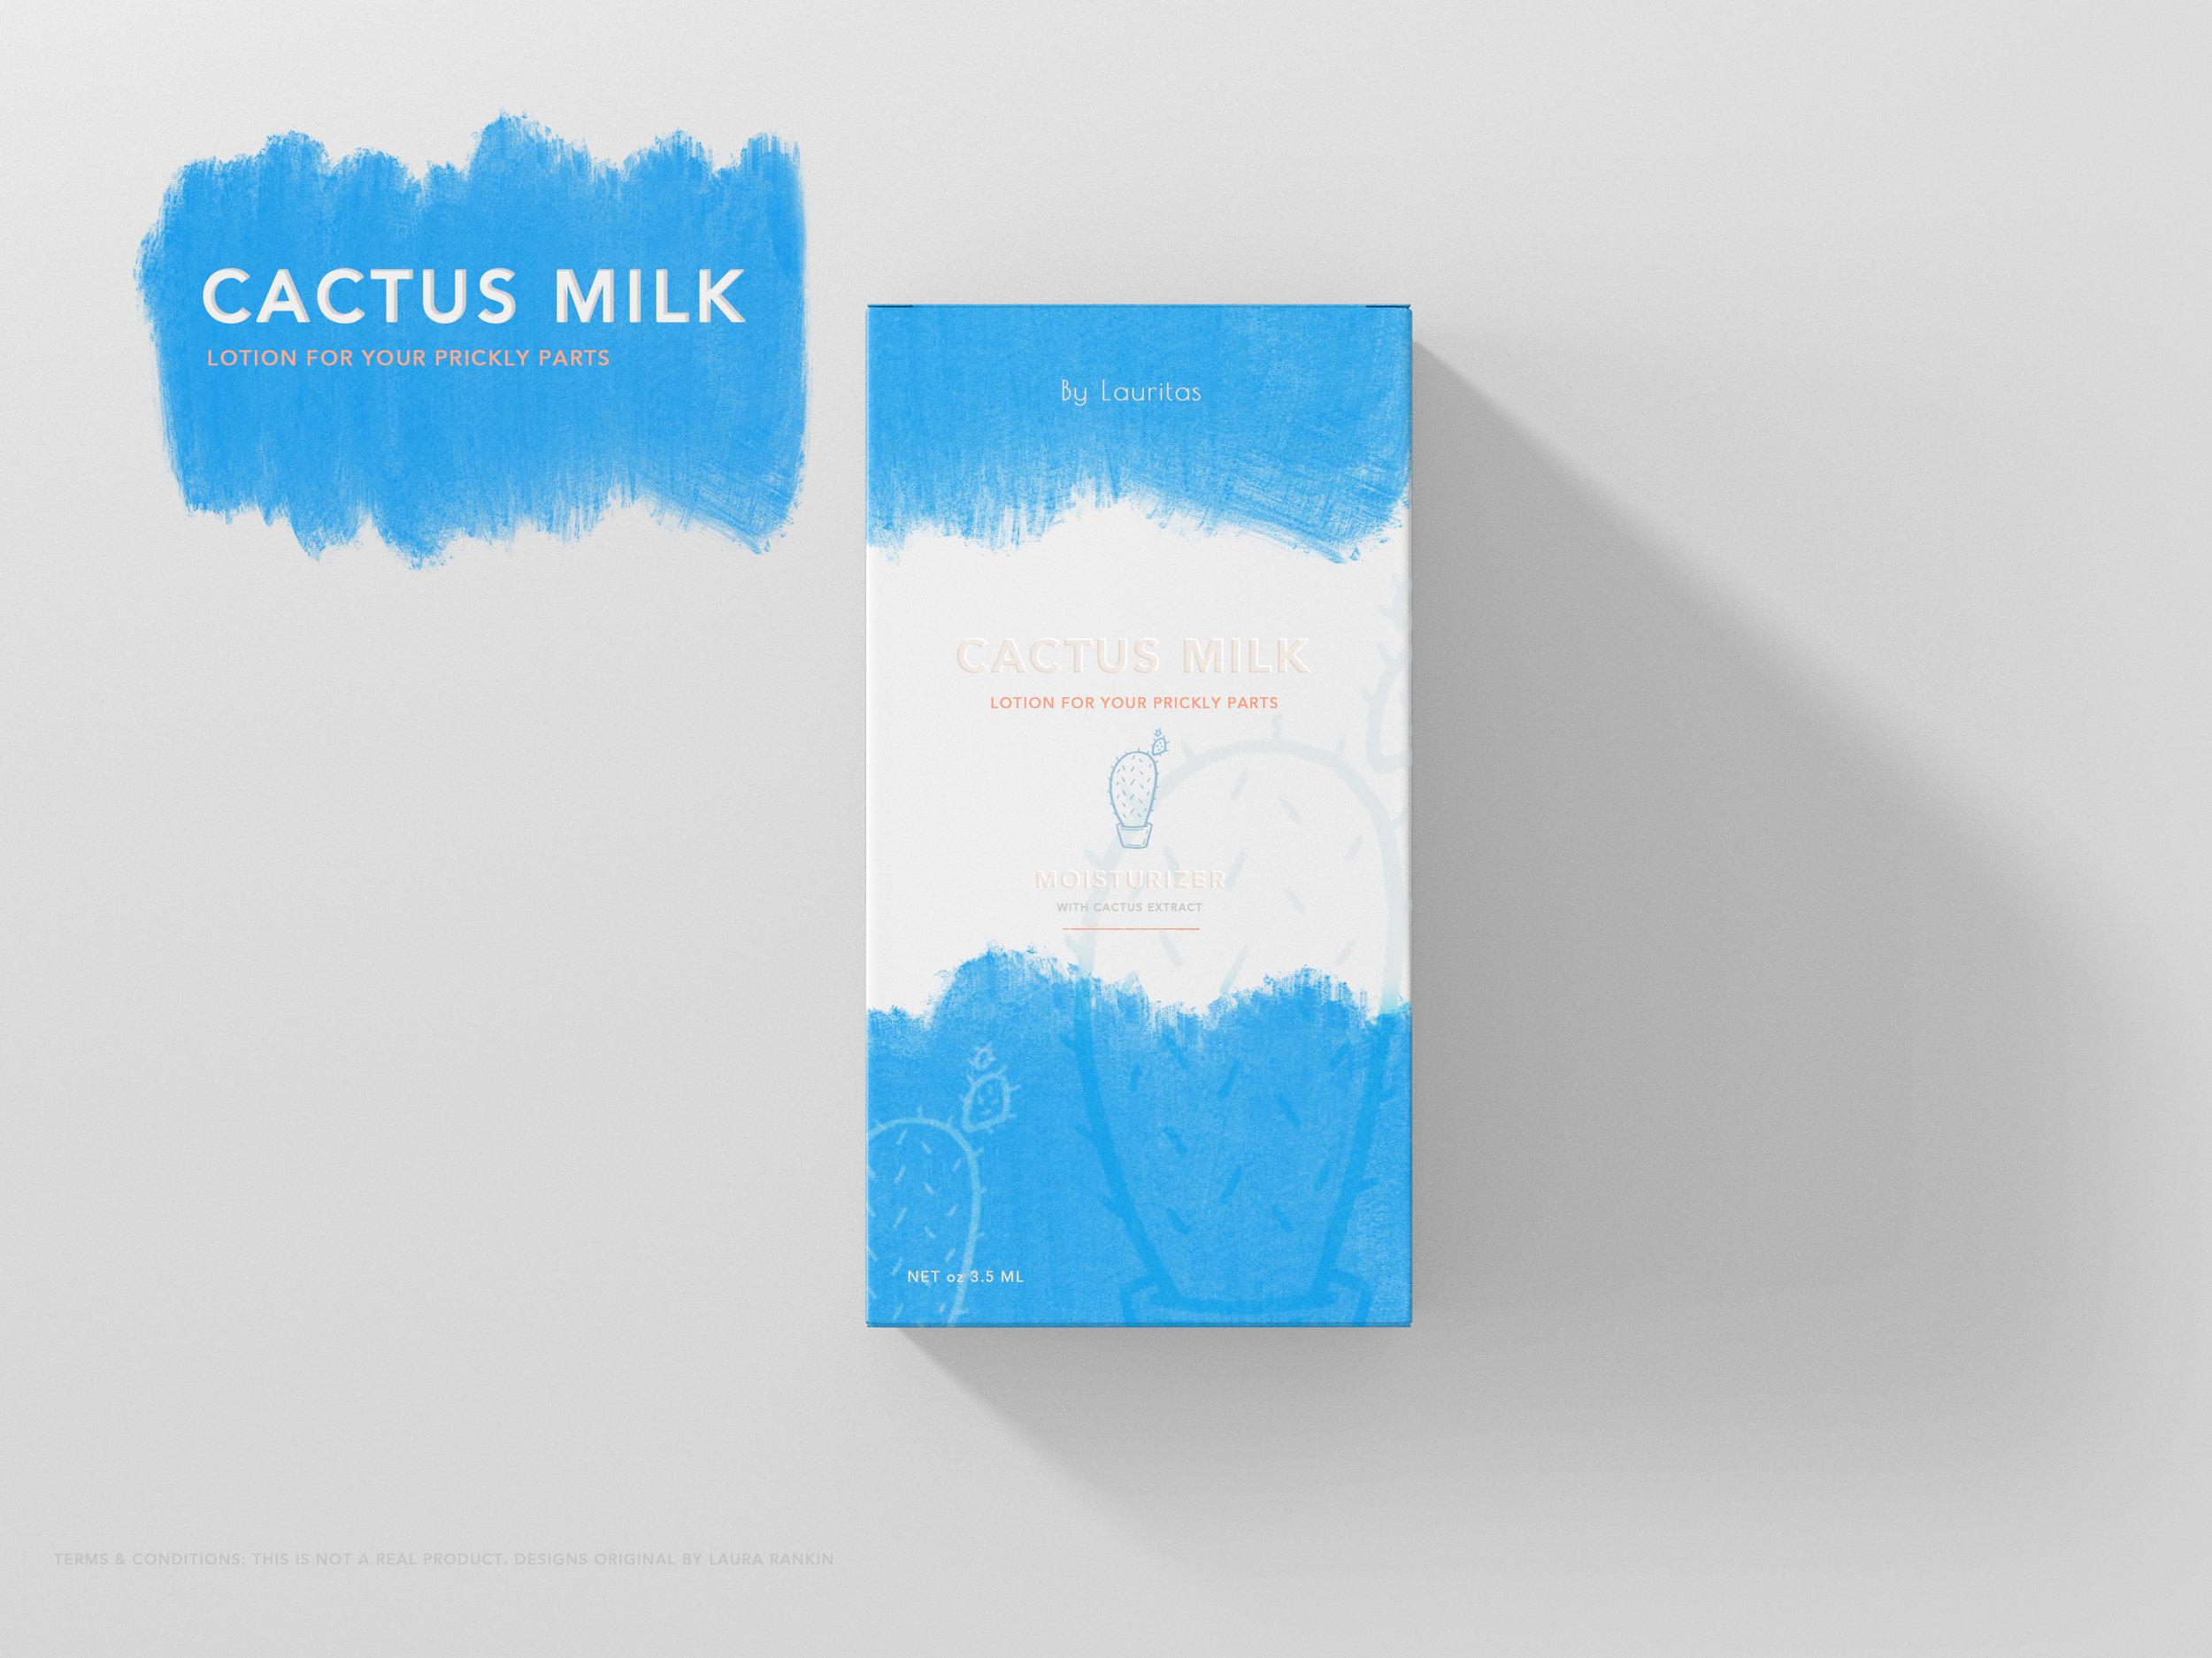 Cactus Milk Box.jpg